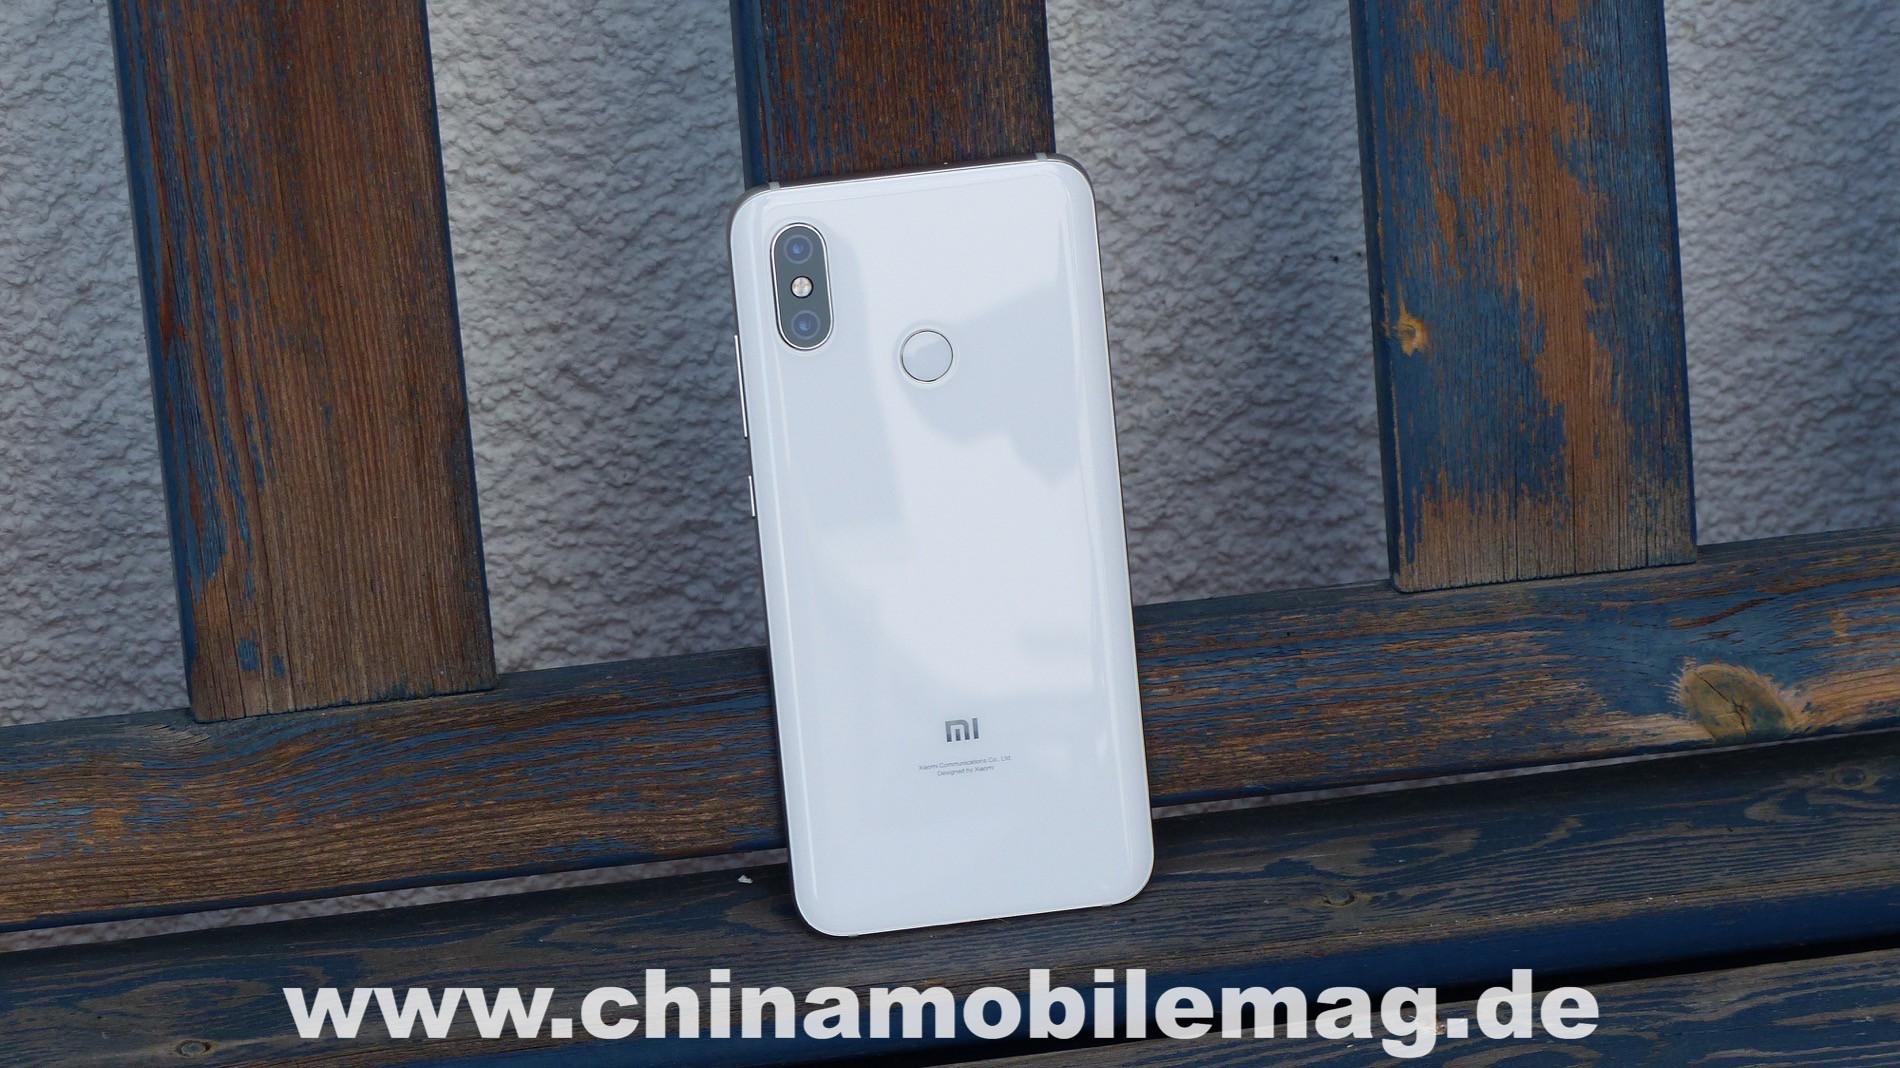 Iphone Entfernungsmesser Xiaomi : Xiaomi mi im test vernotcht